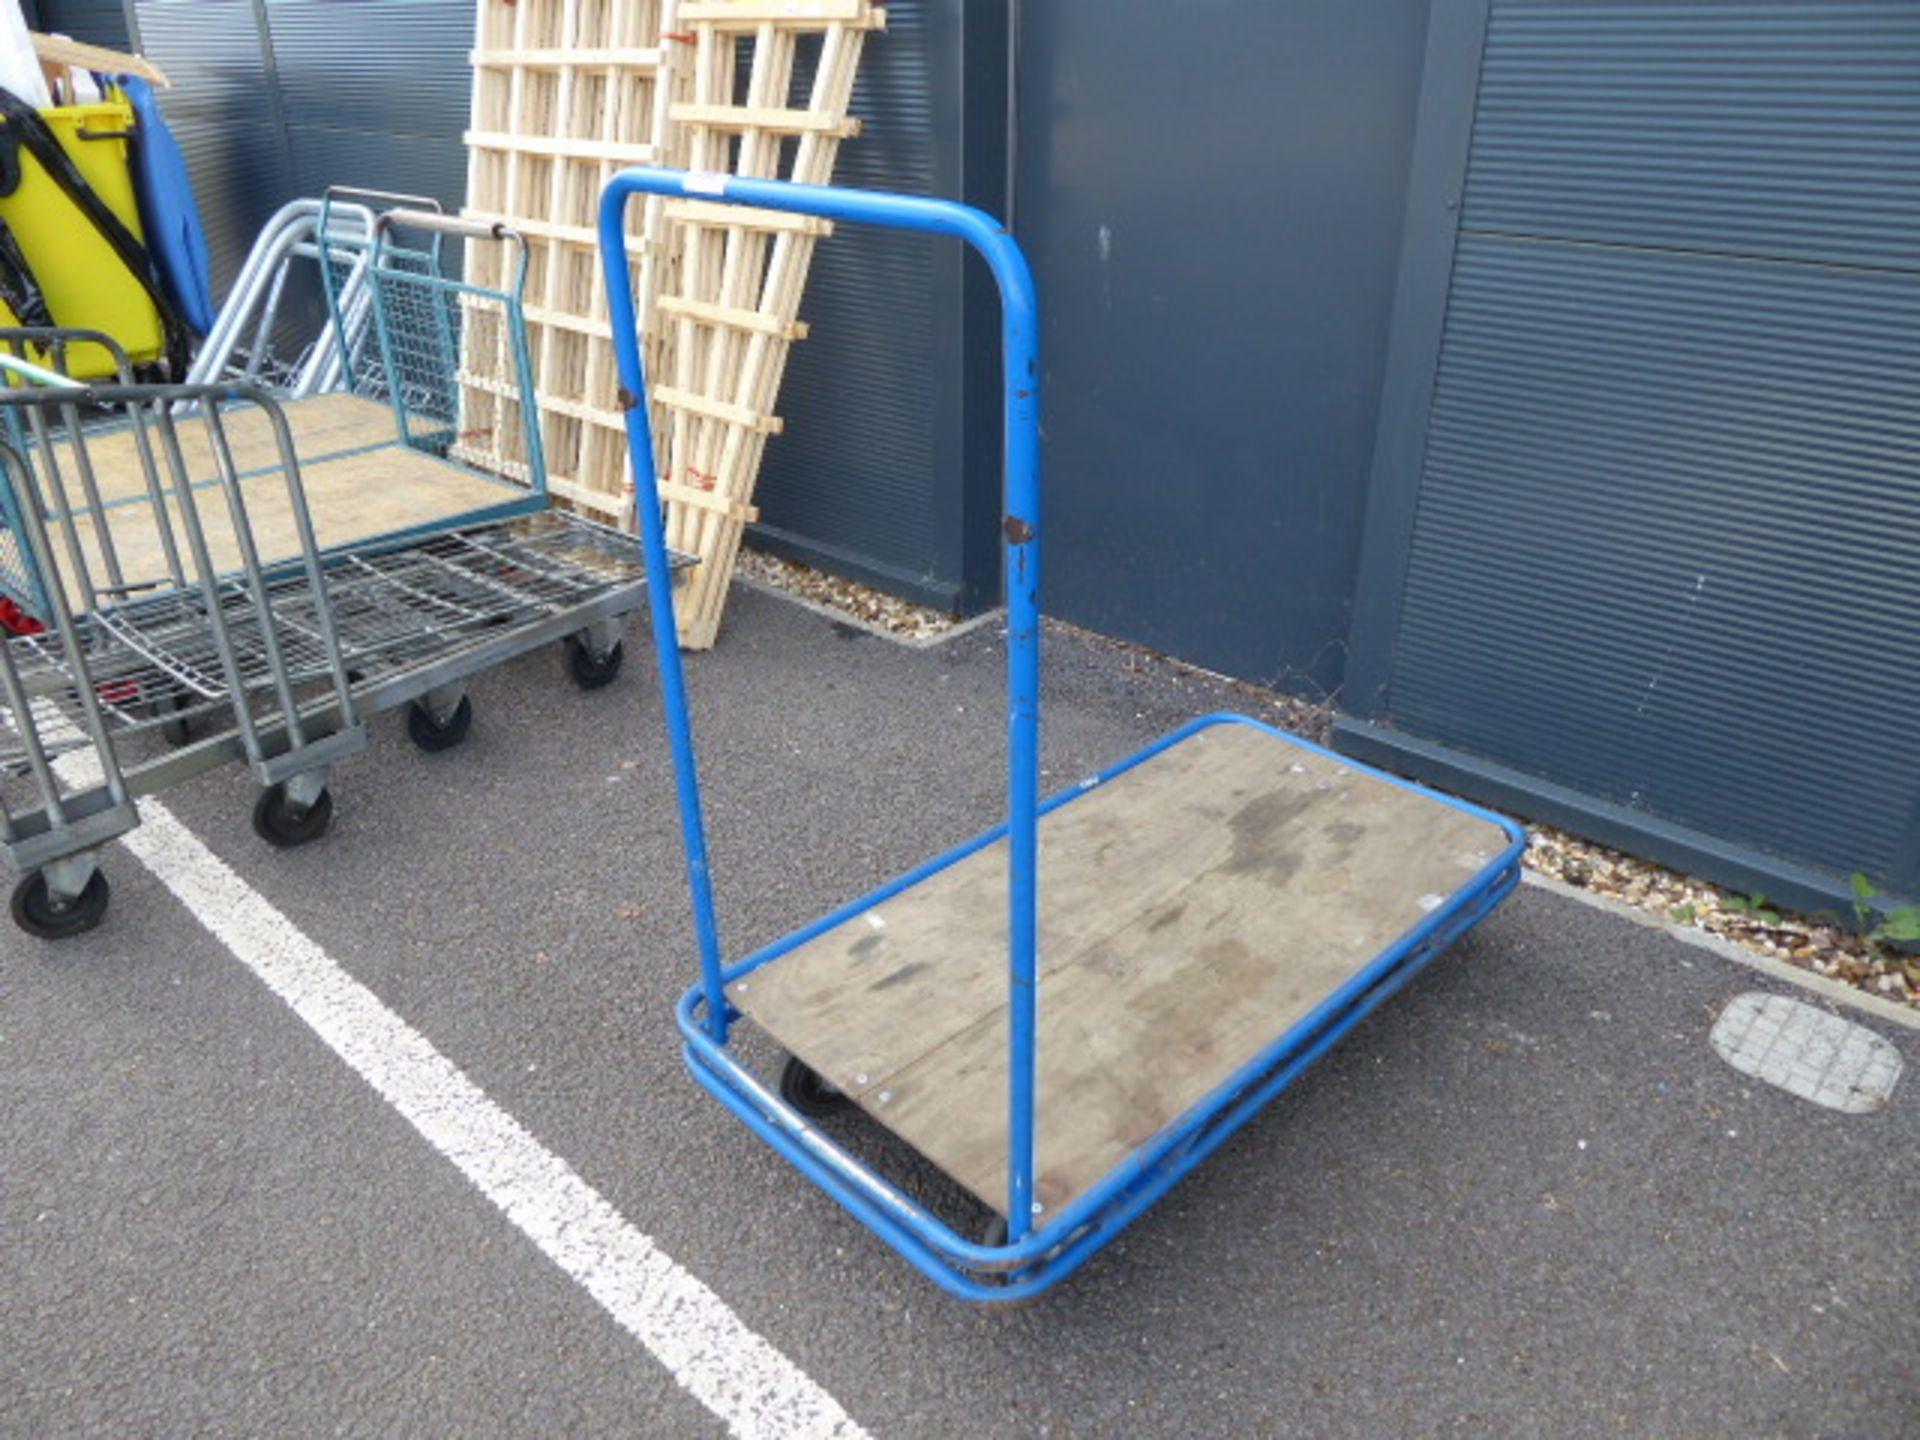 Lot 4388 - Blue flat 4 wheel trolley